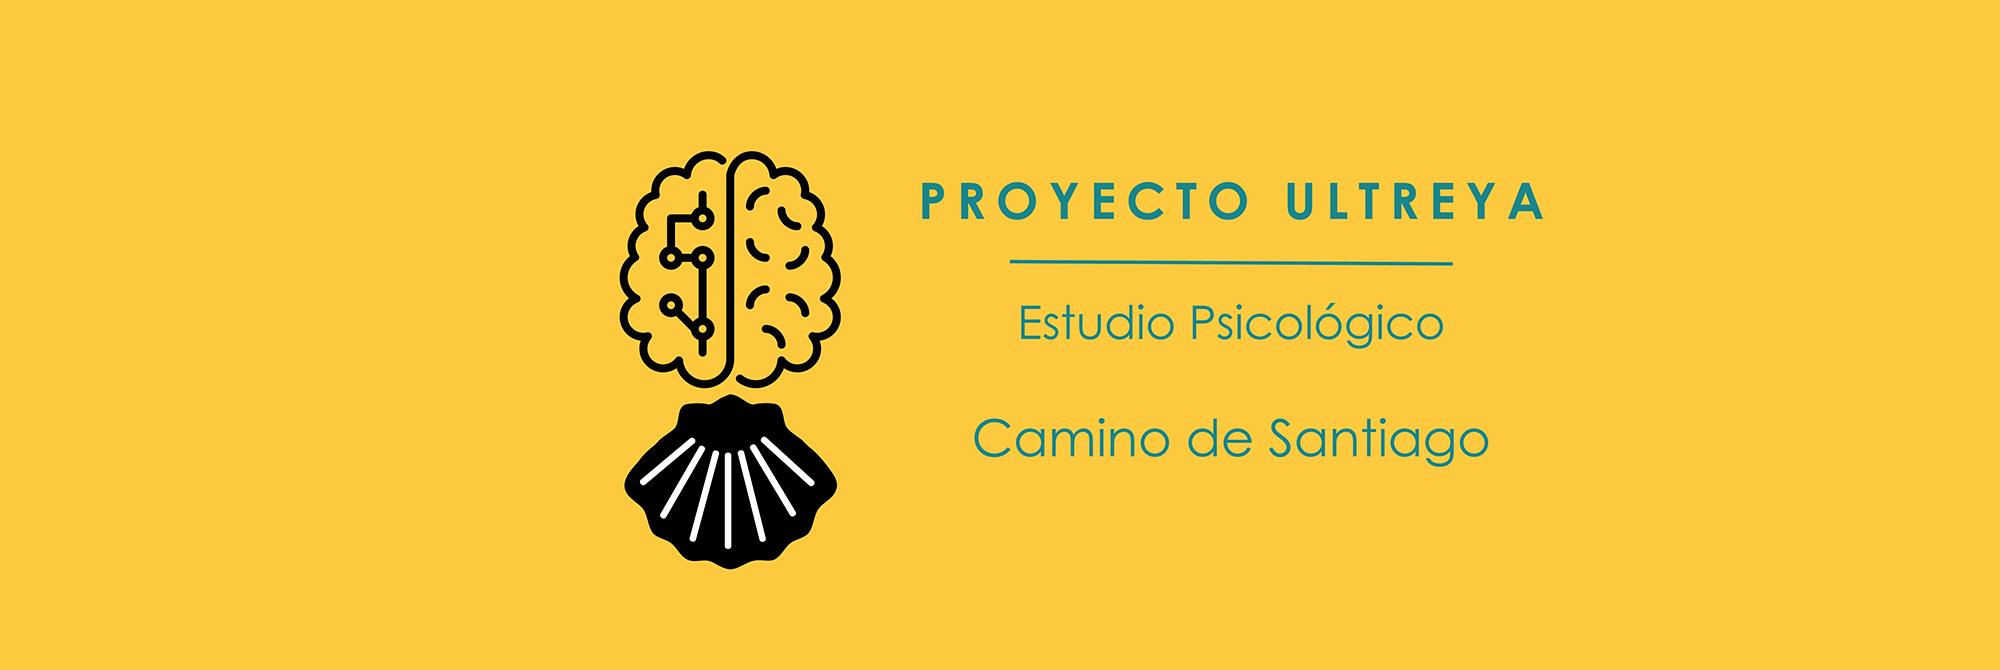 Beneficios psicológicos de hacer el Camino de Santiago